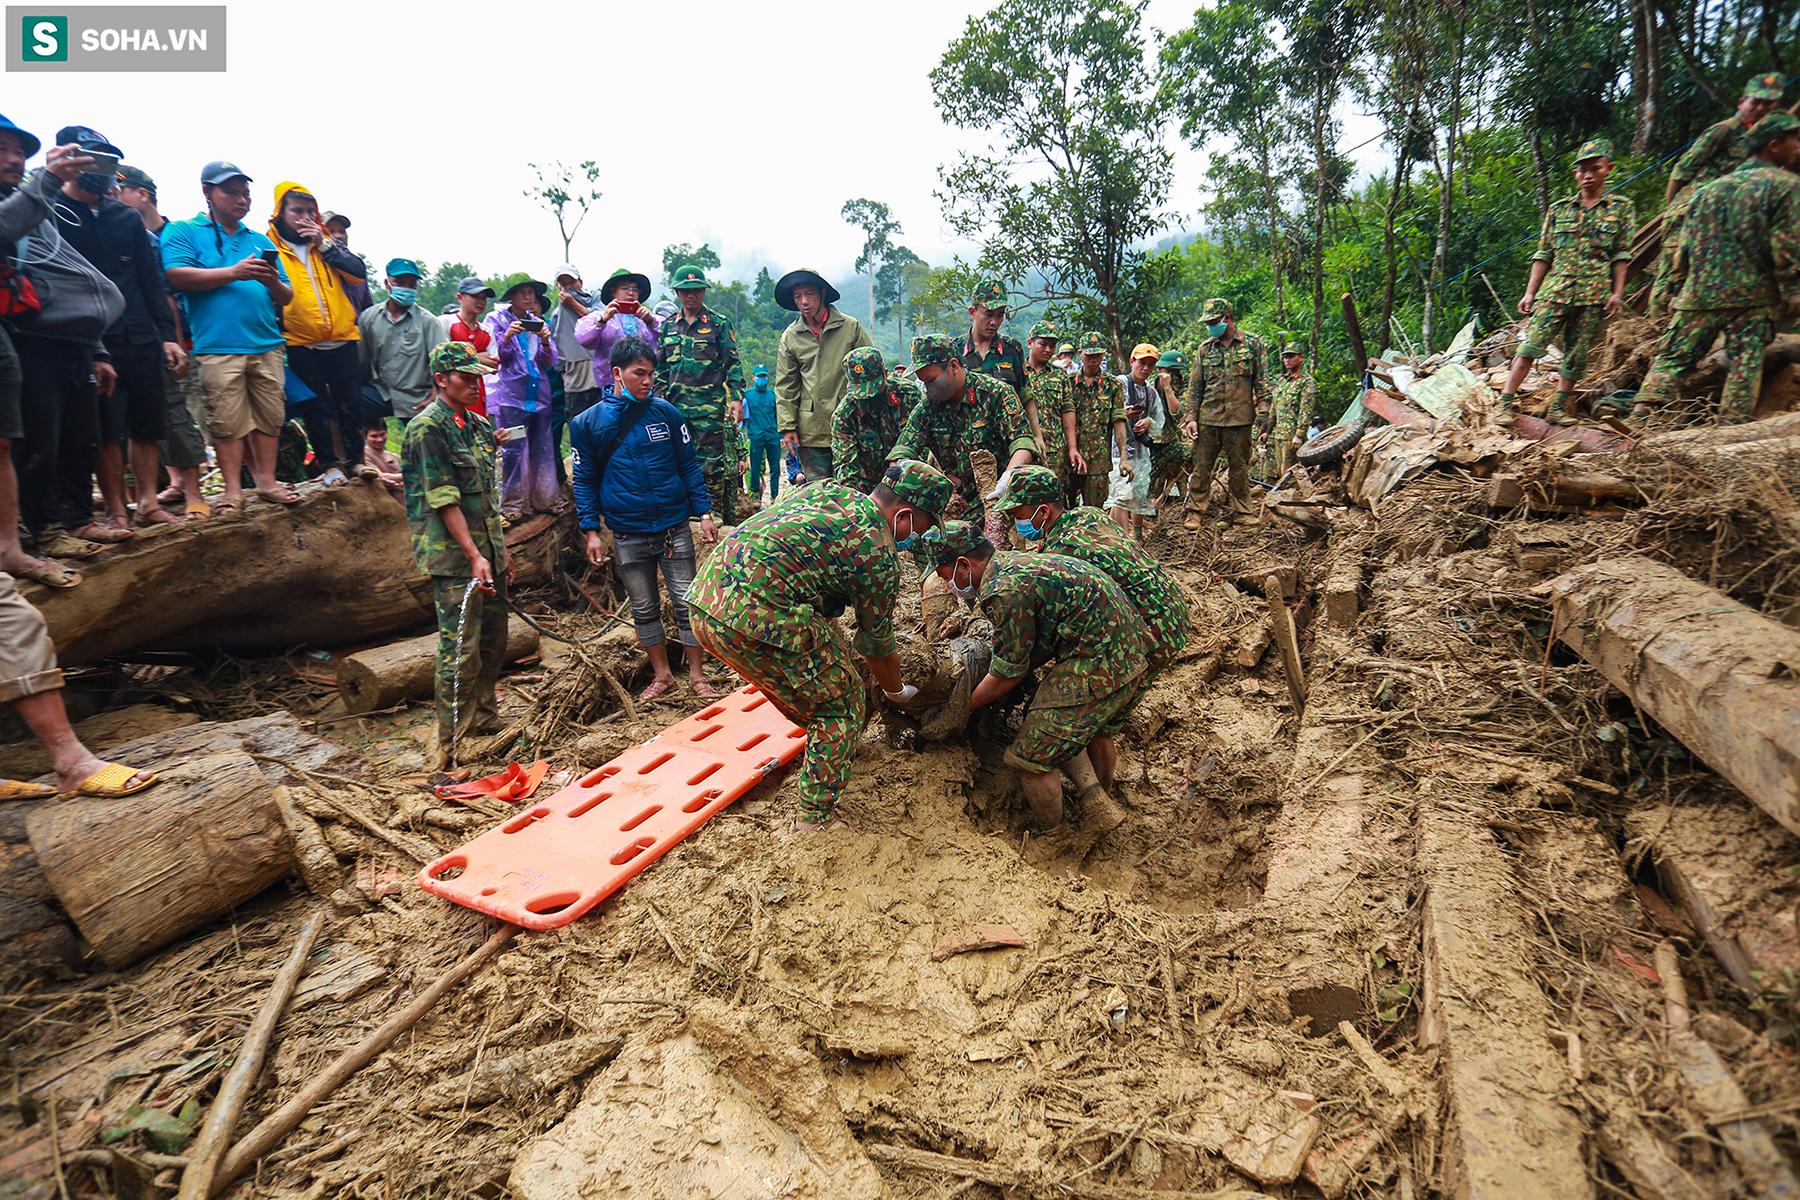 [Ảnh] Dân làng khóc nghẹn khi tìm thấy bé trai 10 tháng tuổi dưới lớp bùn đất vụ sạt lở ở Trà Leng - Ảnh 13.